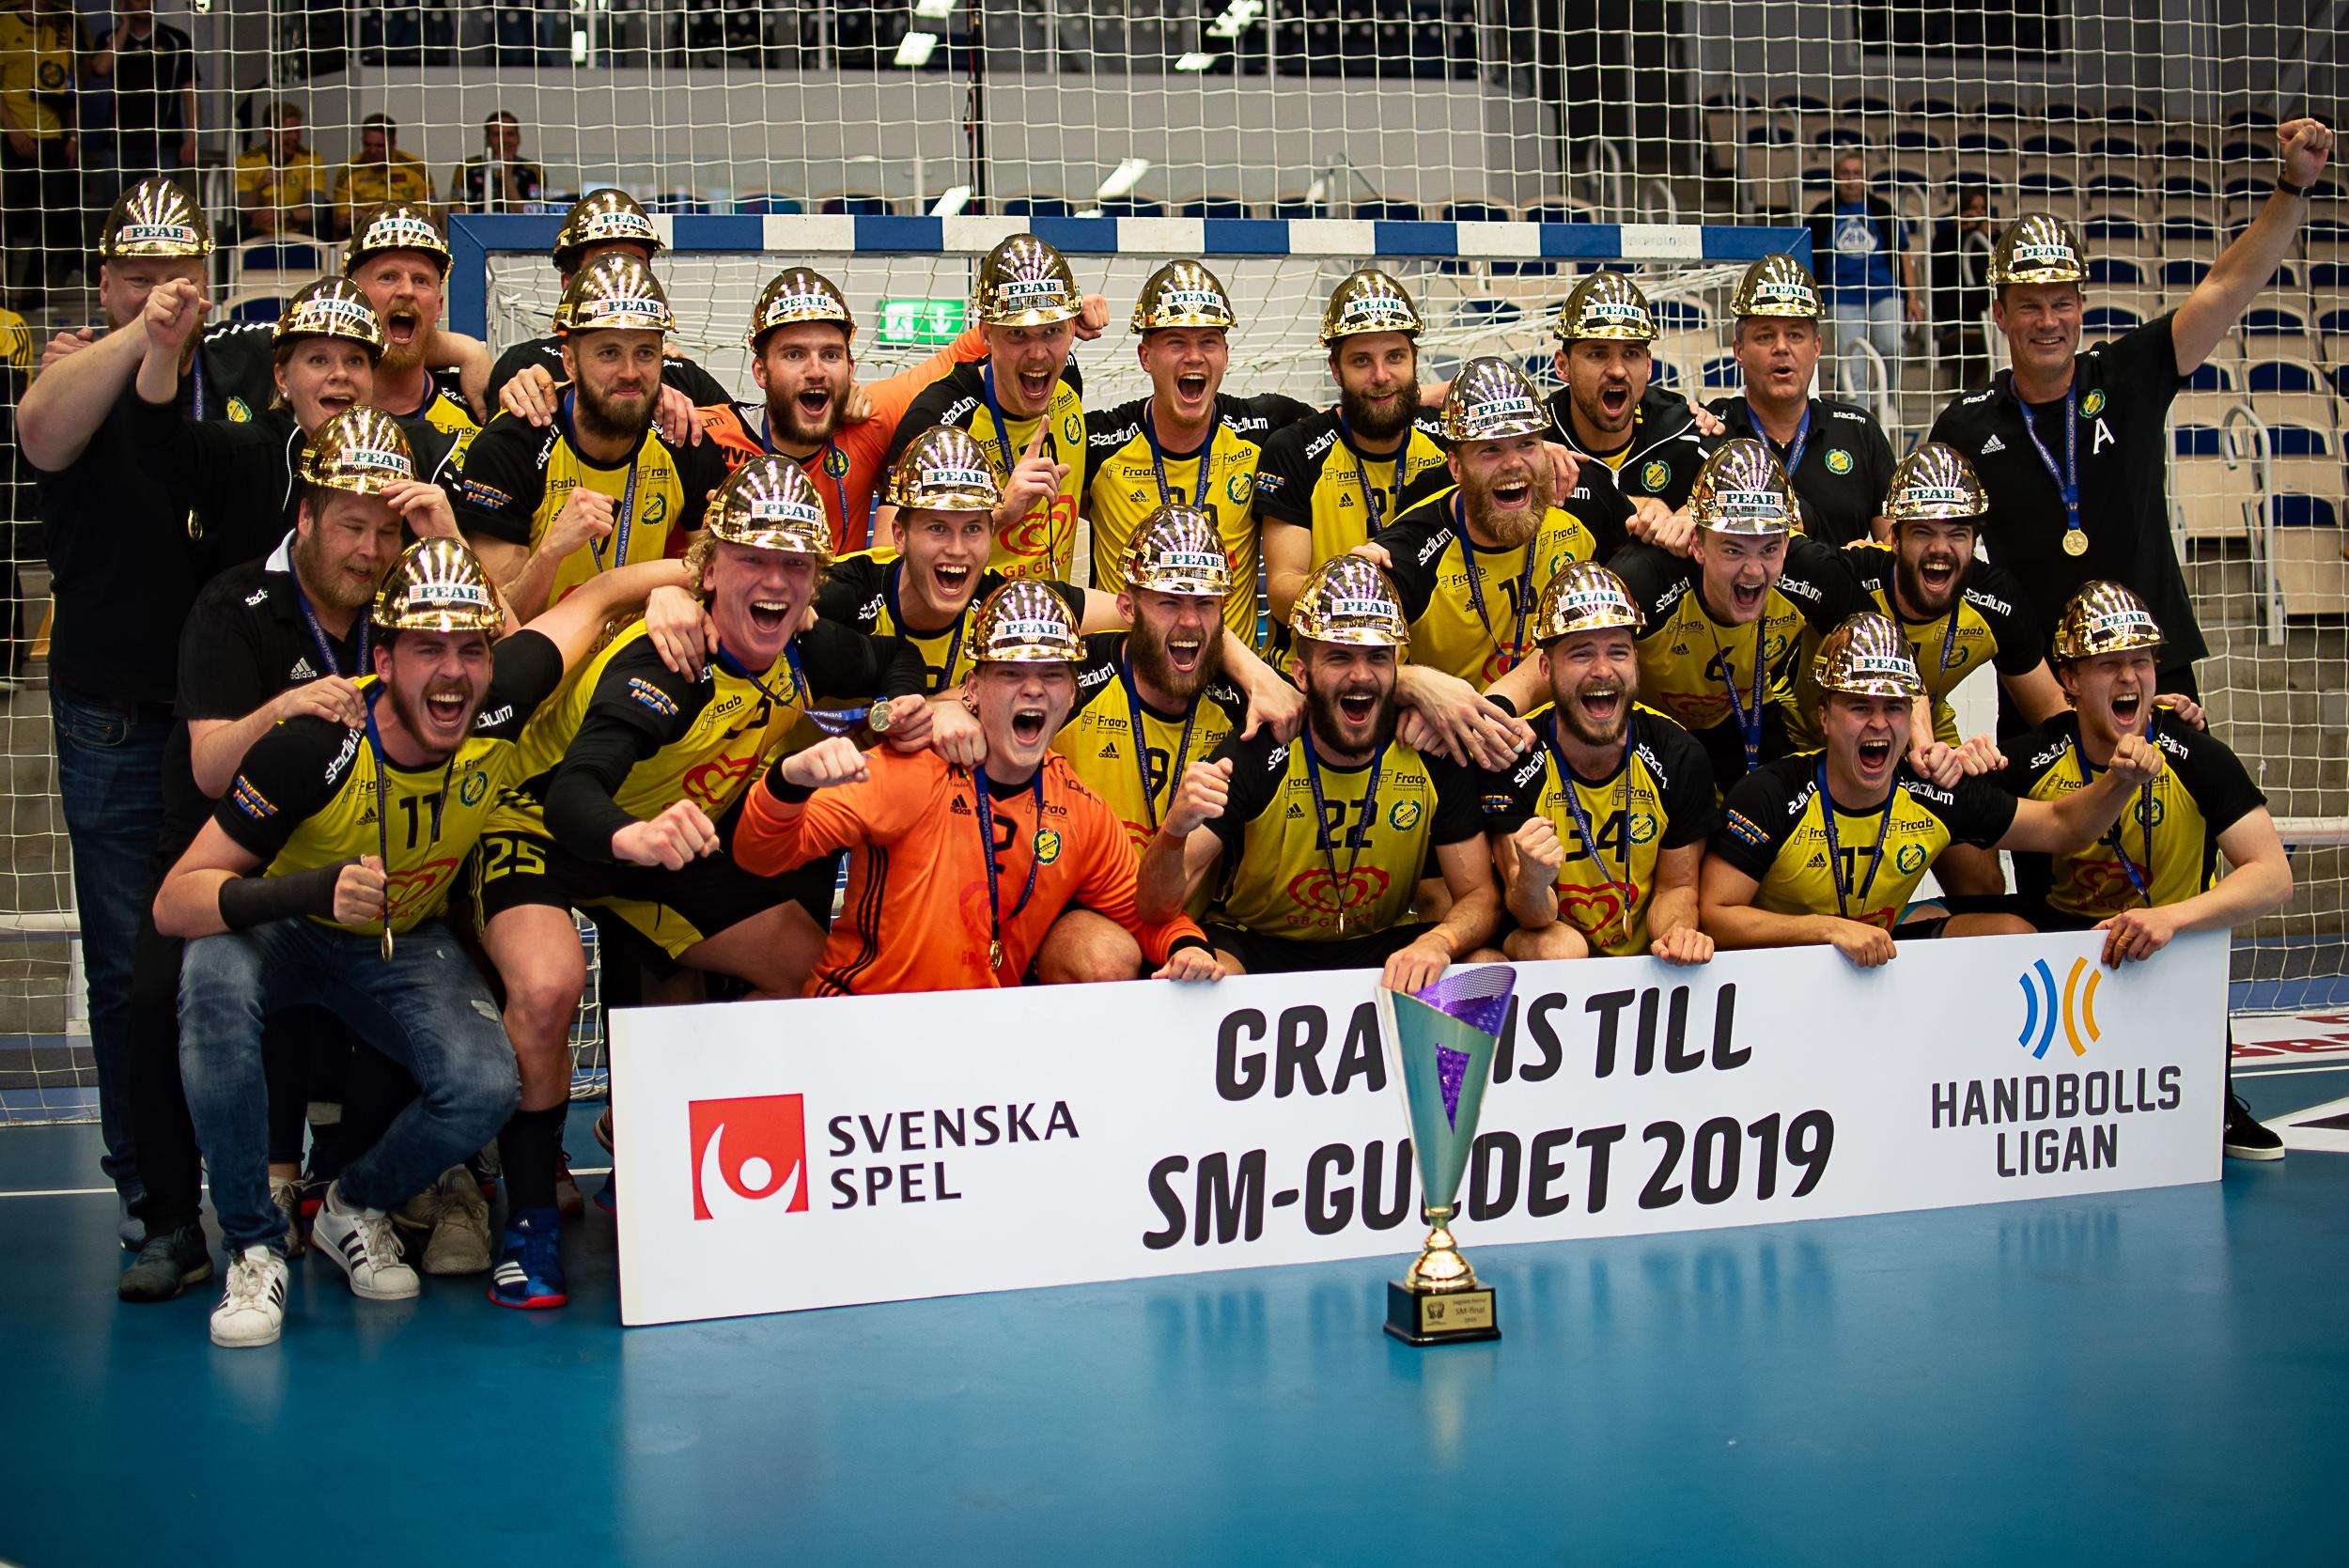 svensk handboll tävling